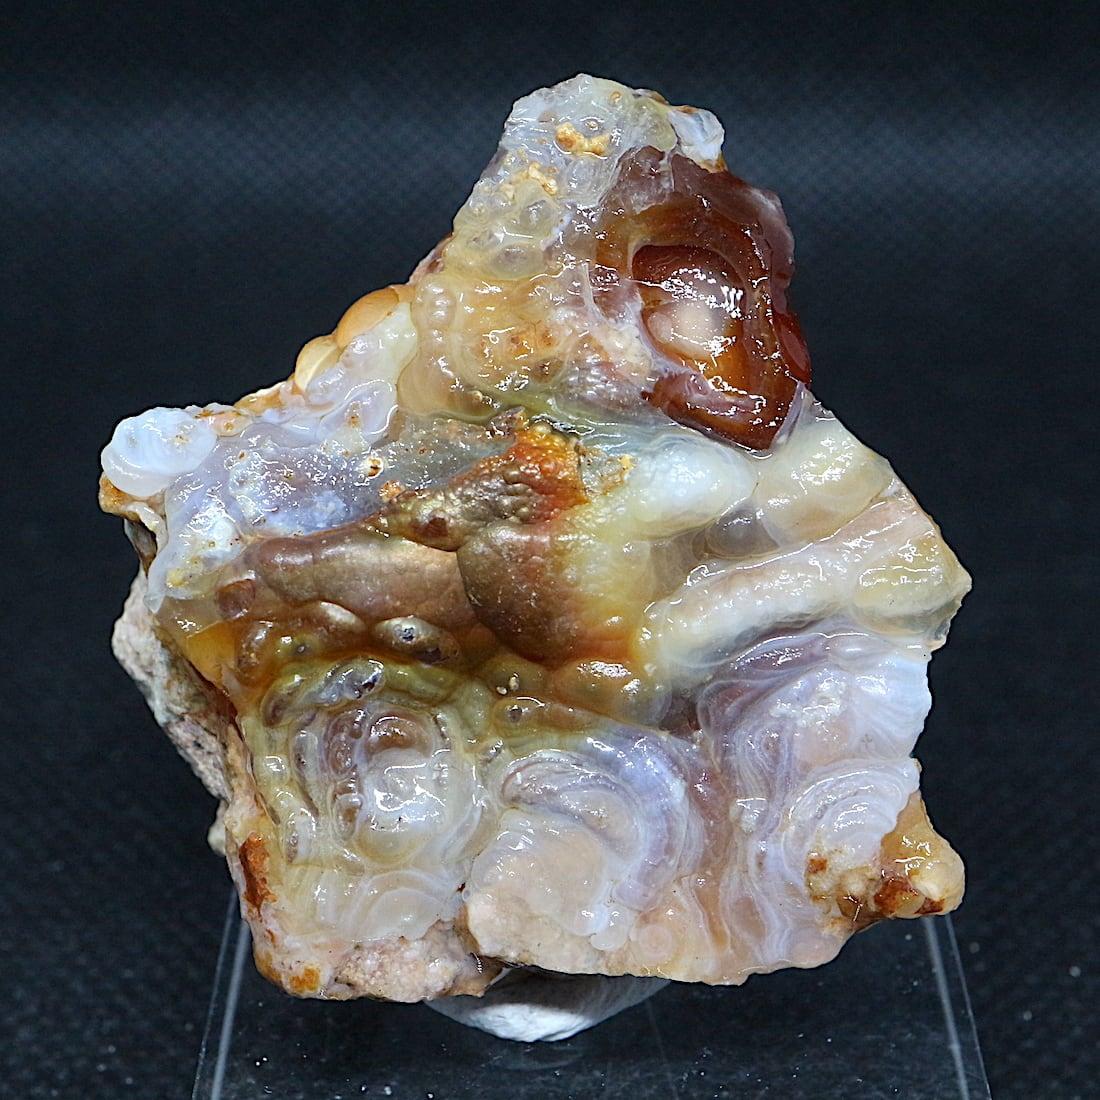 アリゾナ州産 ファイヤー アゲート カルセドニー 40,8g FA041 鉱物 原石 天然石 パワーストーン